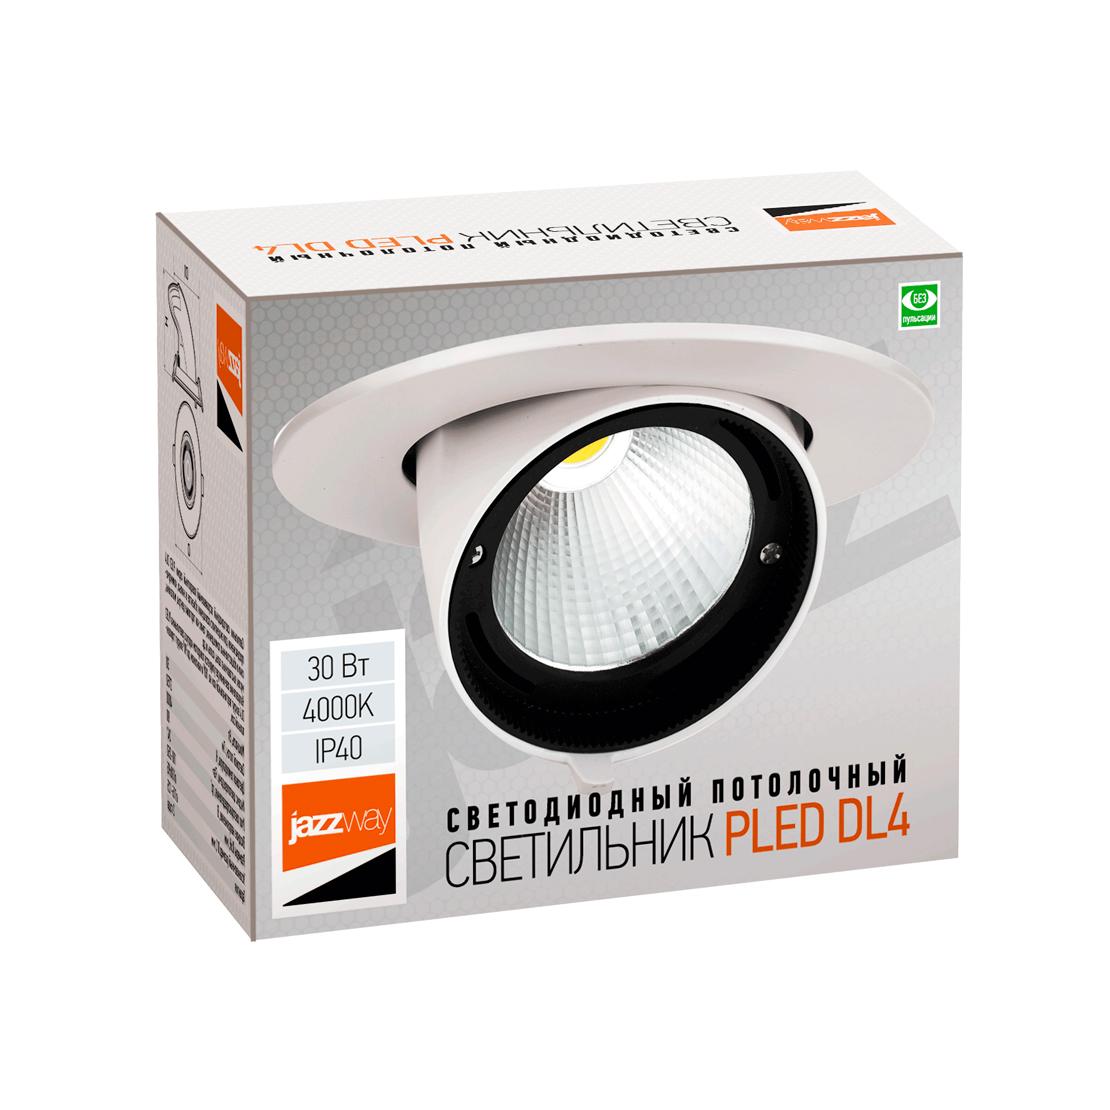 Cветильник cветодиодный потолочный PLED DL4 PLEDDL430W 4000K 24°W HIP40